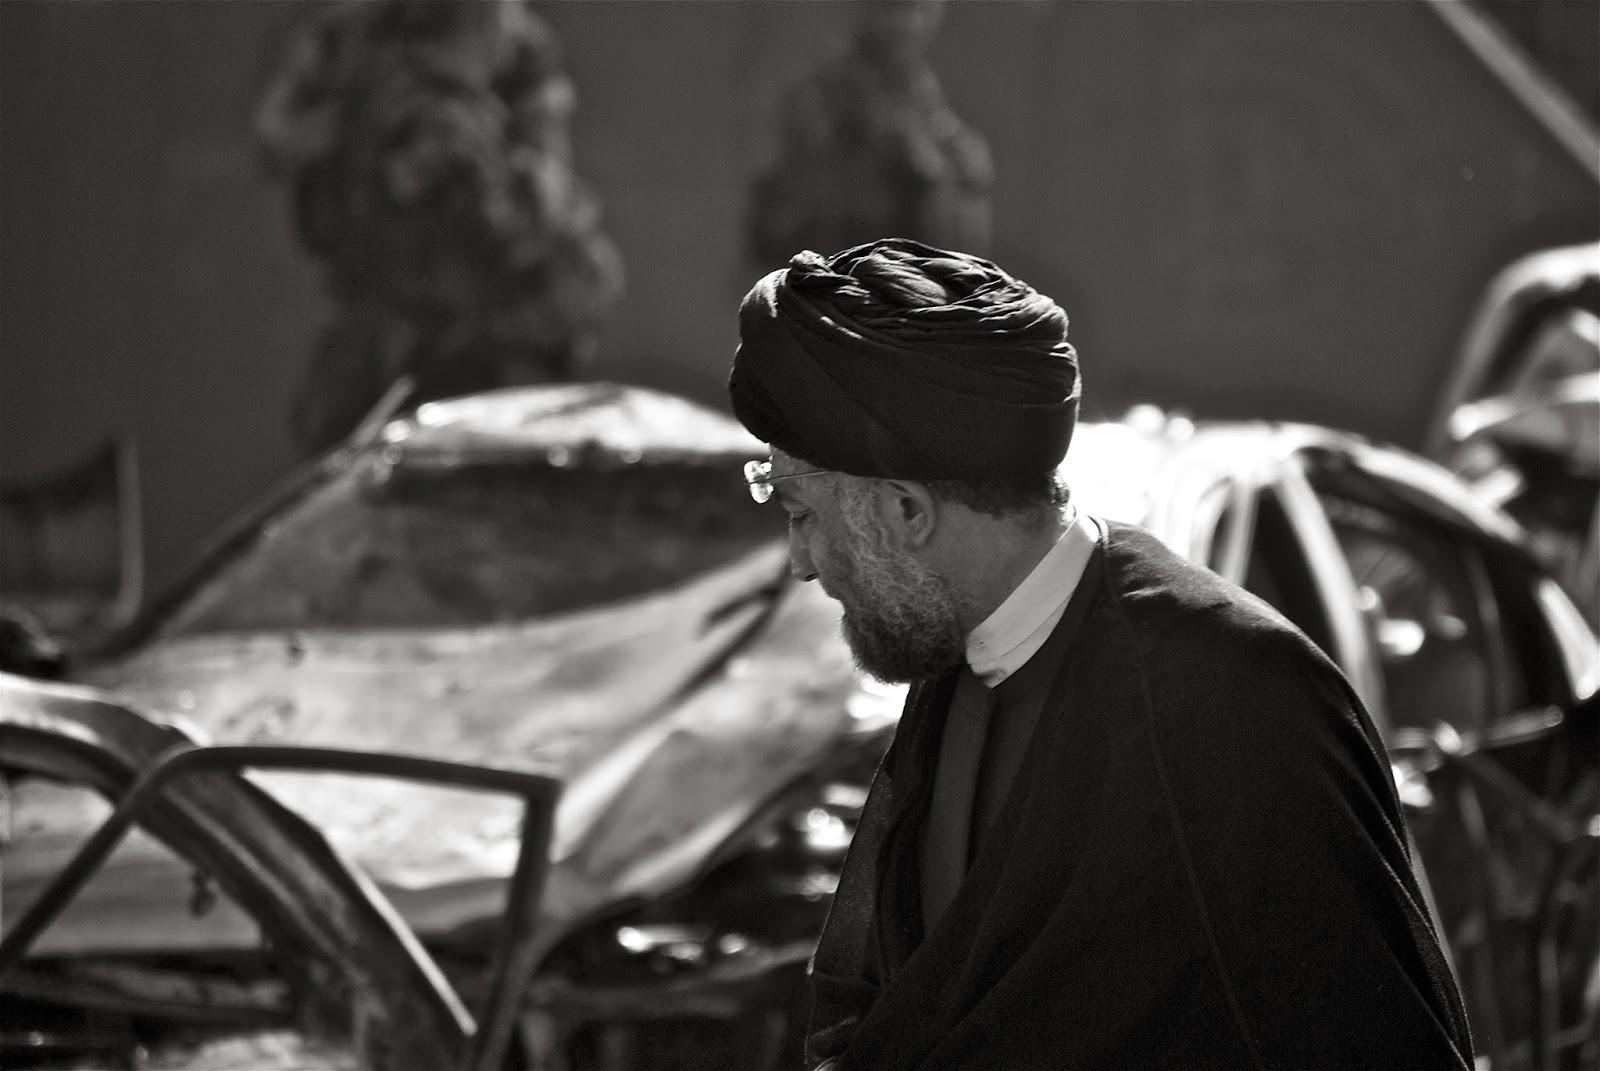 Zamach Na Meczet Facebook: Zapiski: Zamach Na Ambasadę Iranu, Bejrut (ZDJĘCIA